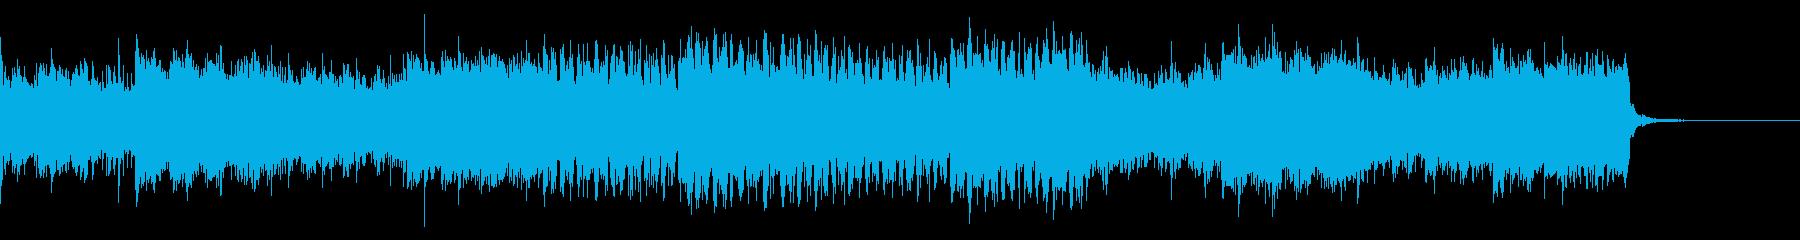 透明感&清潔感のあるエレクトロポップの再生済みの波形